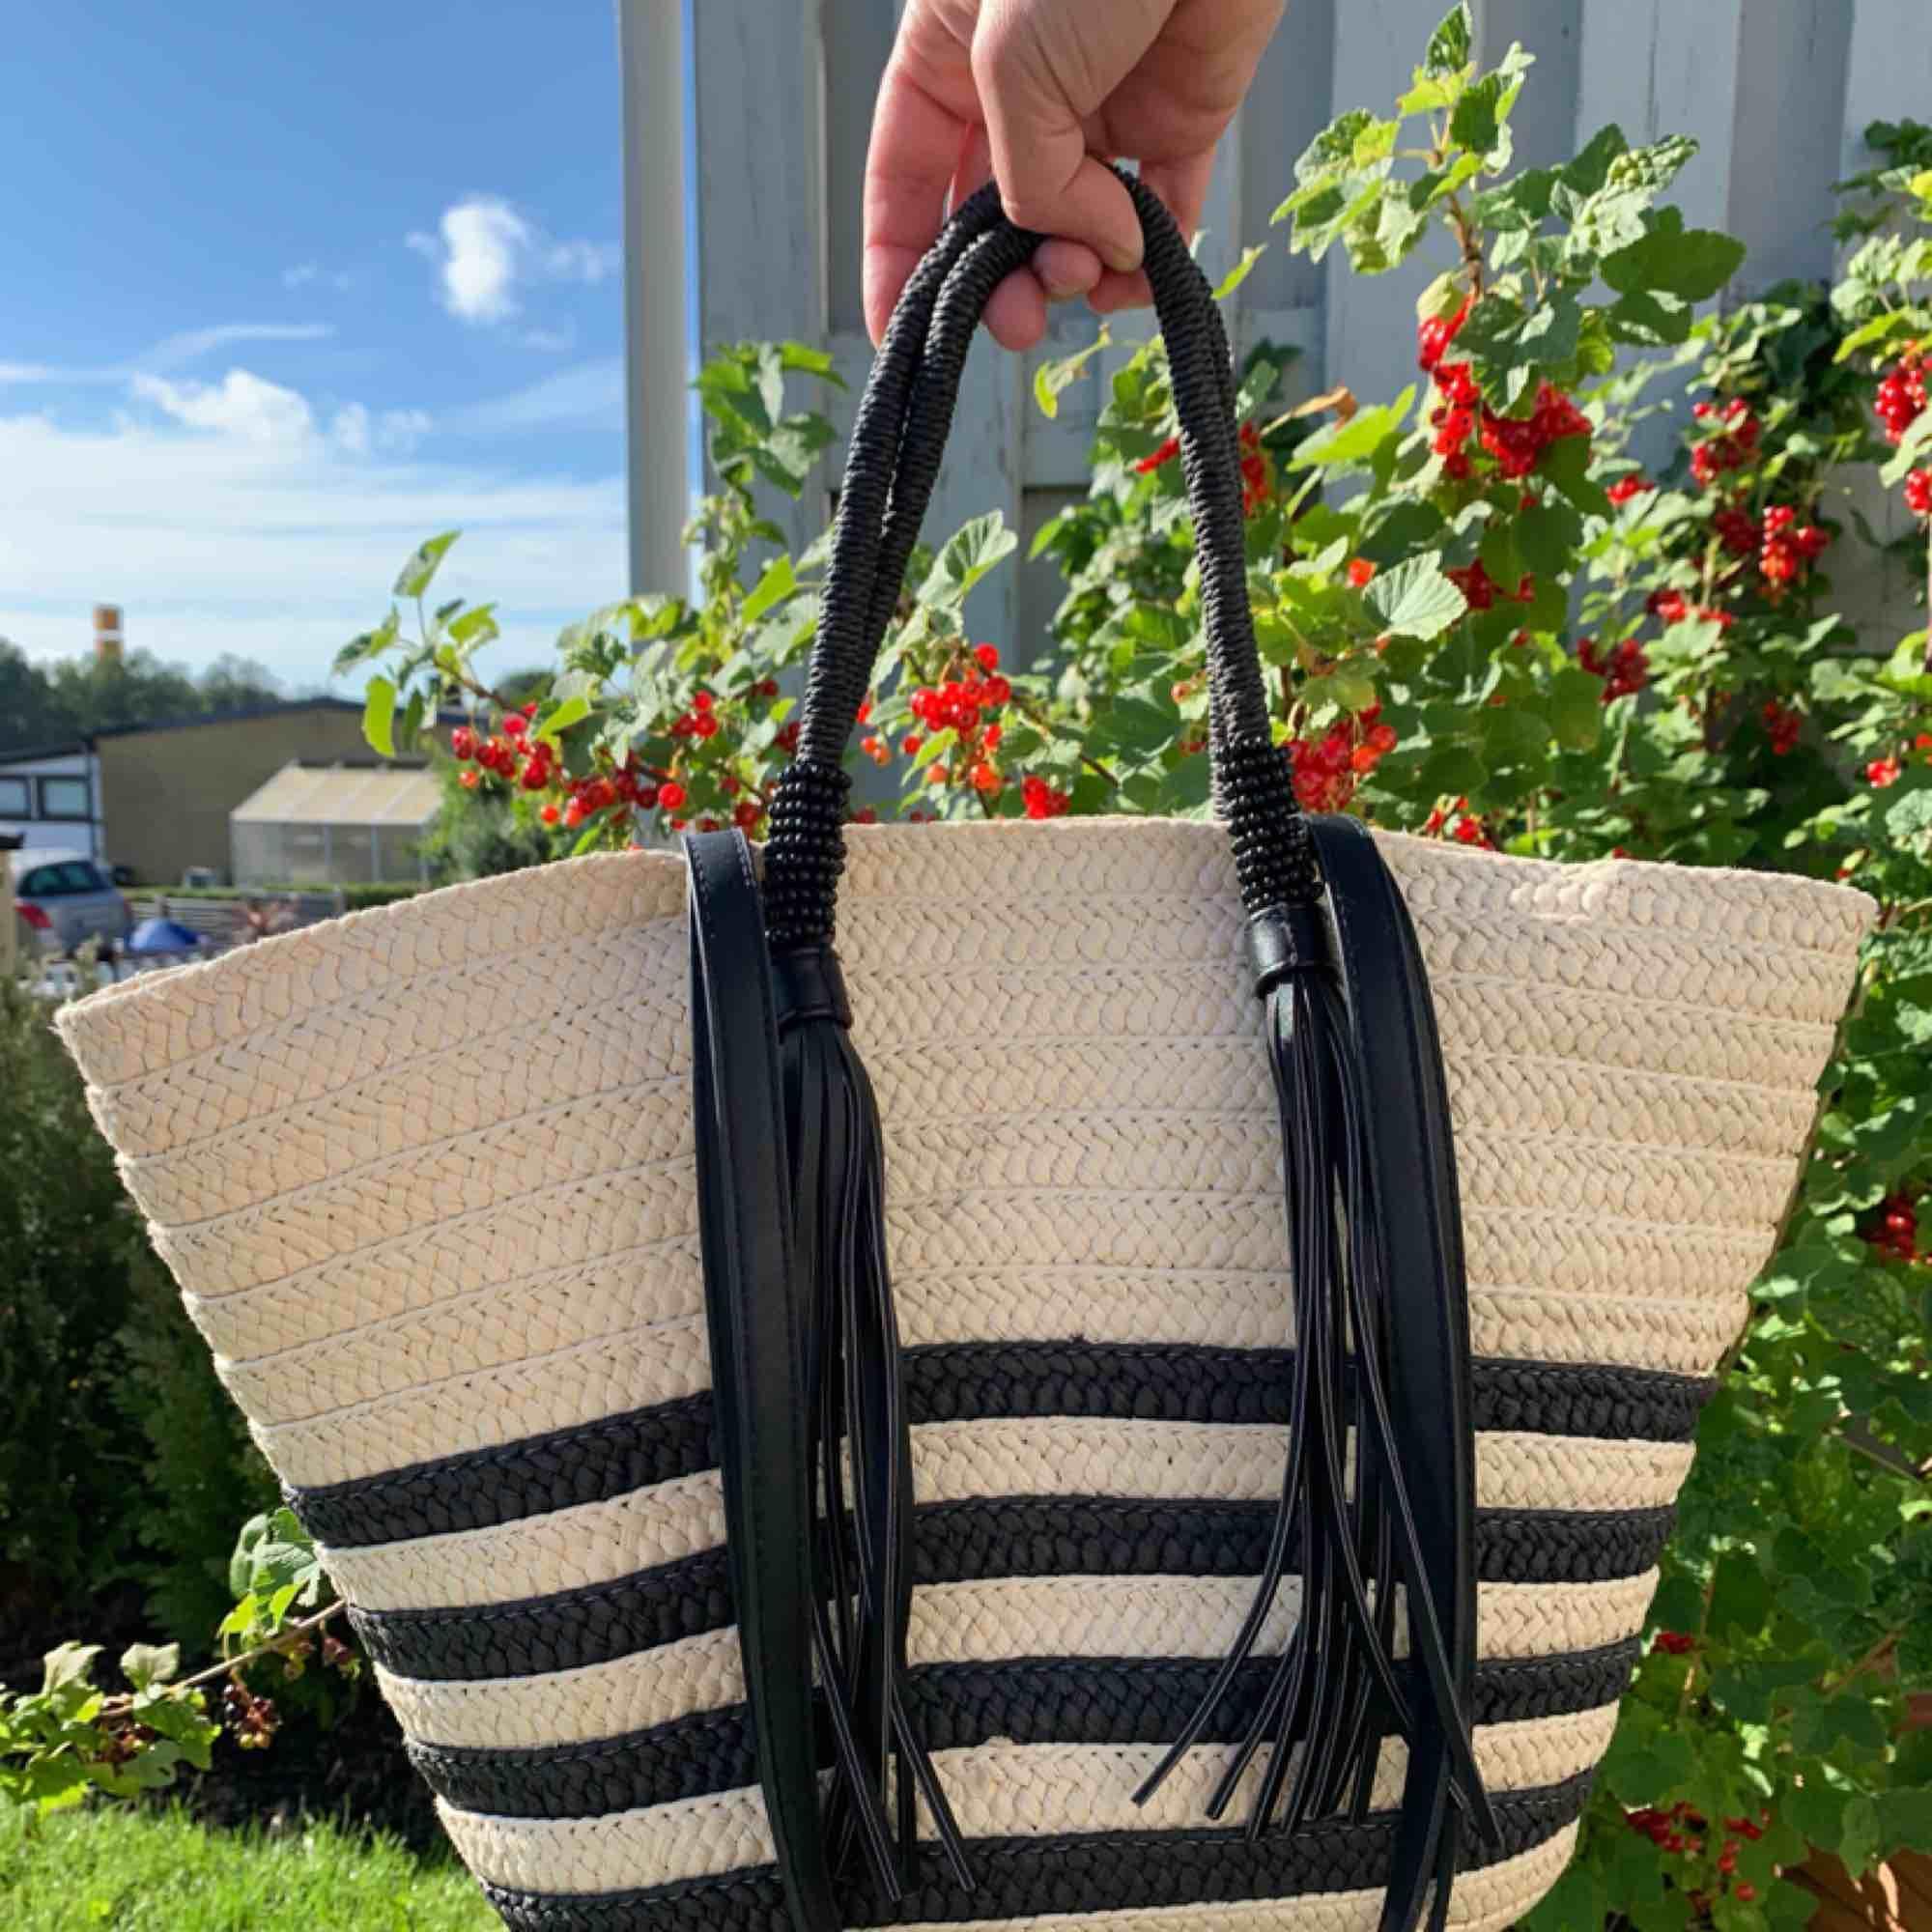 superfin strandväska i nyskick, inköpt på kappahl för 400kr förra sommaren. säljs pågrund av att jag köpt ny.   längd - 30cm  bredd - 20cm långa band - 35cm korta band - 20cm. Väskor.